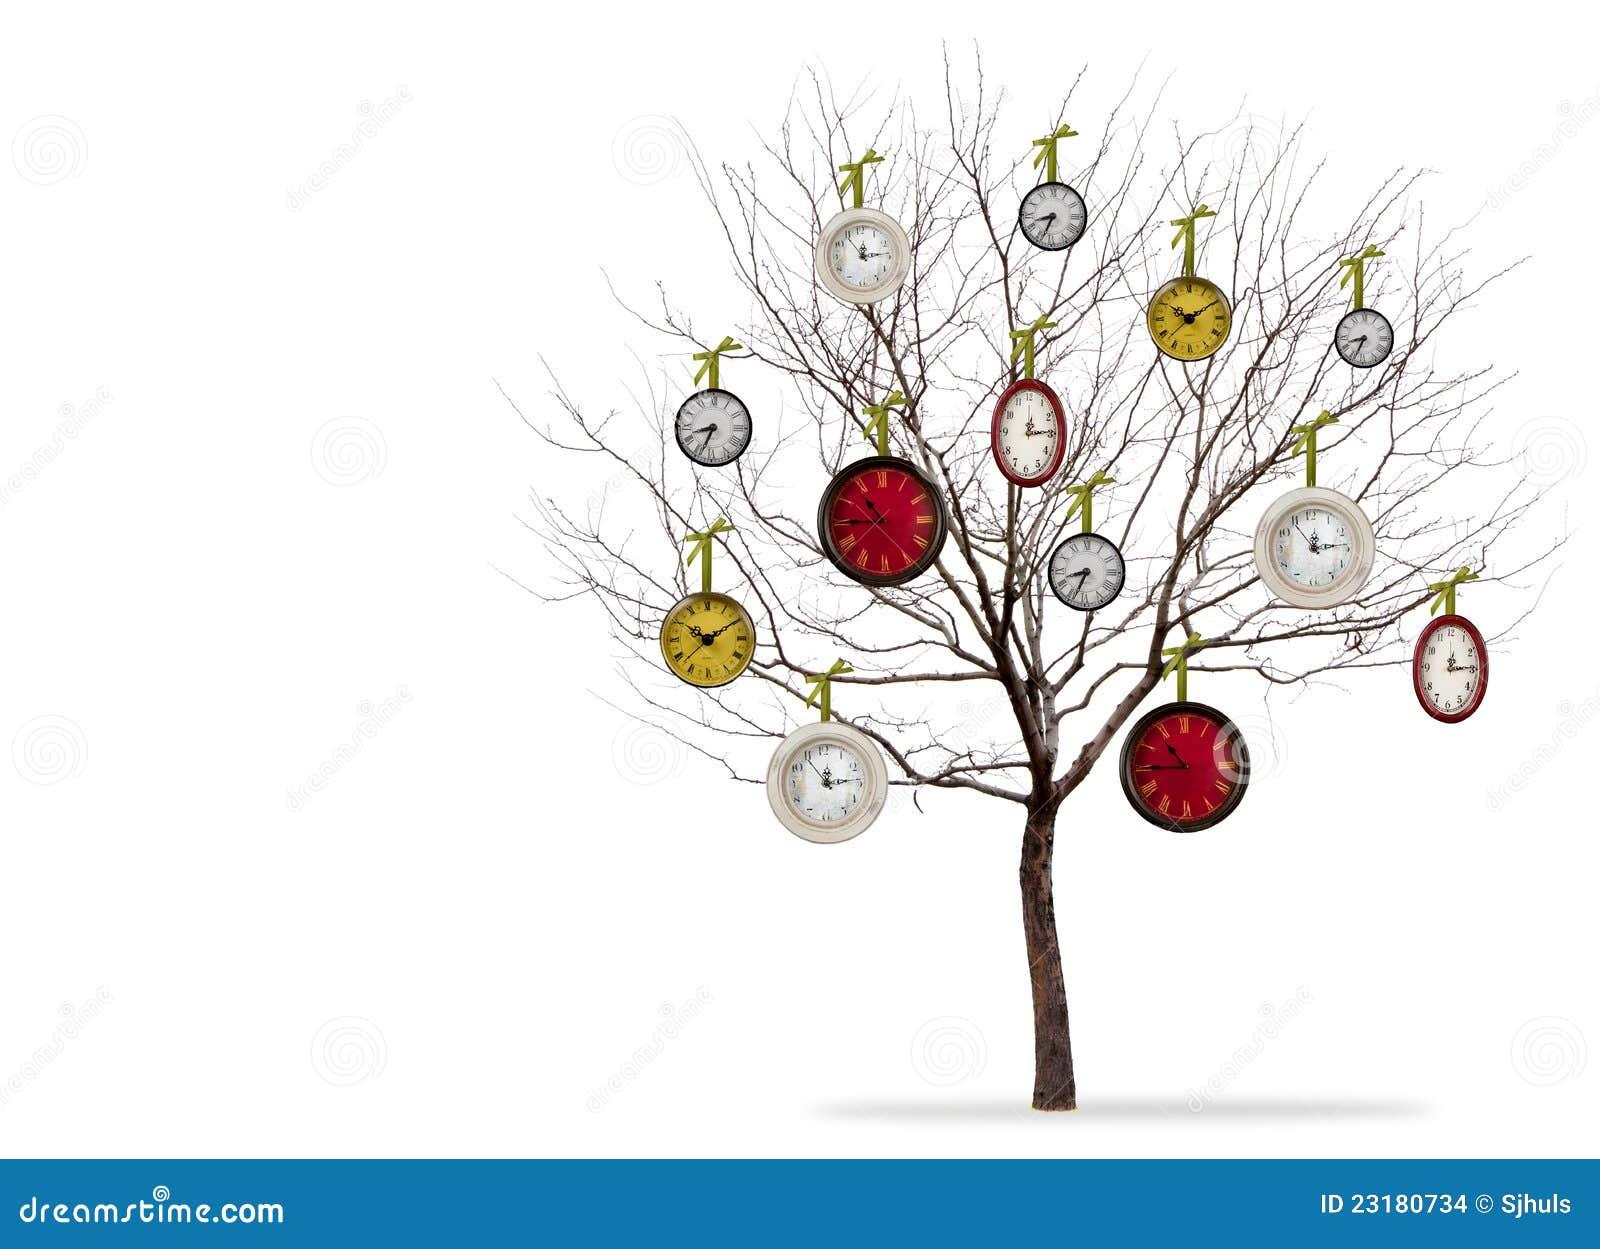 Relojes que cuelgan de un árbol en un fondo blanco